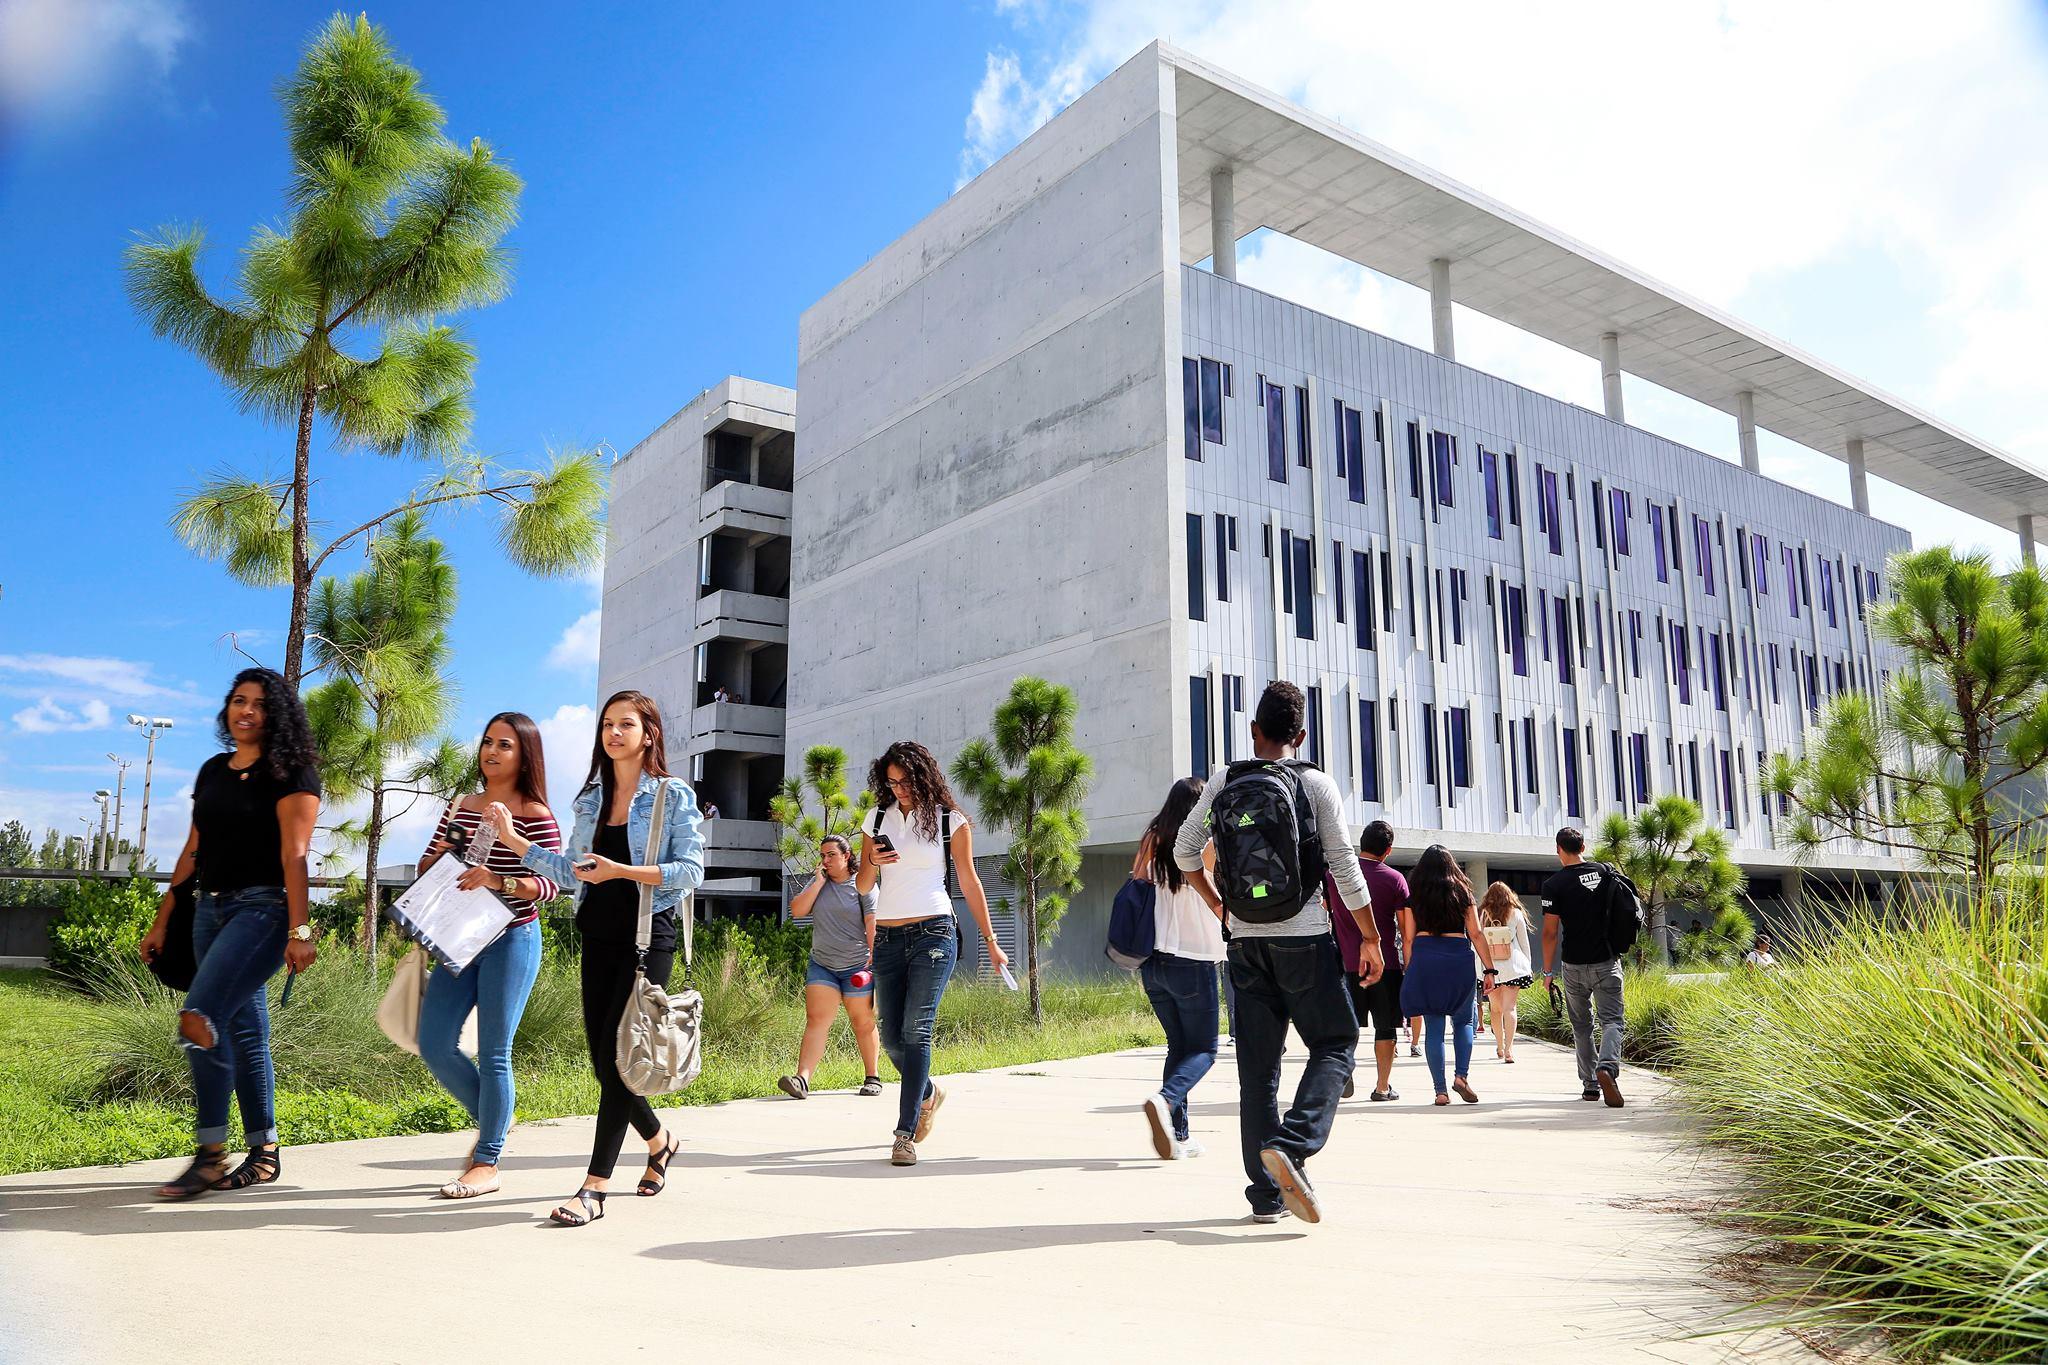 Miami Dade College - MDC Campus